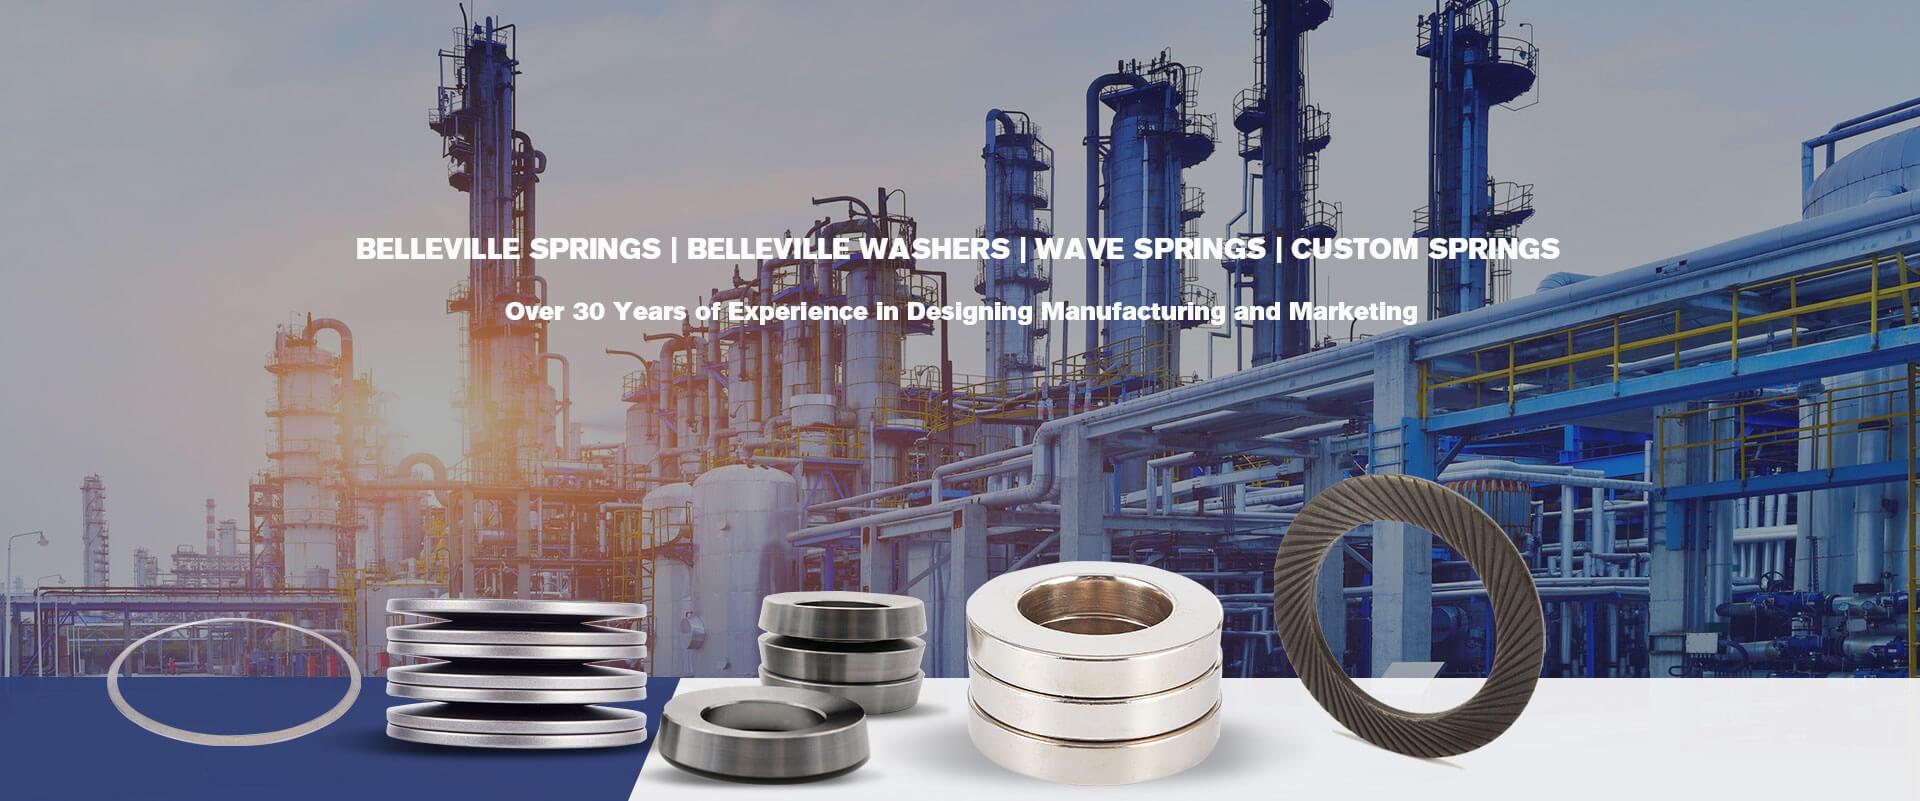 Belleville Springs Belleville Washers